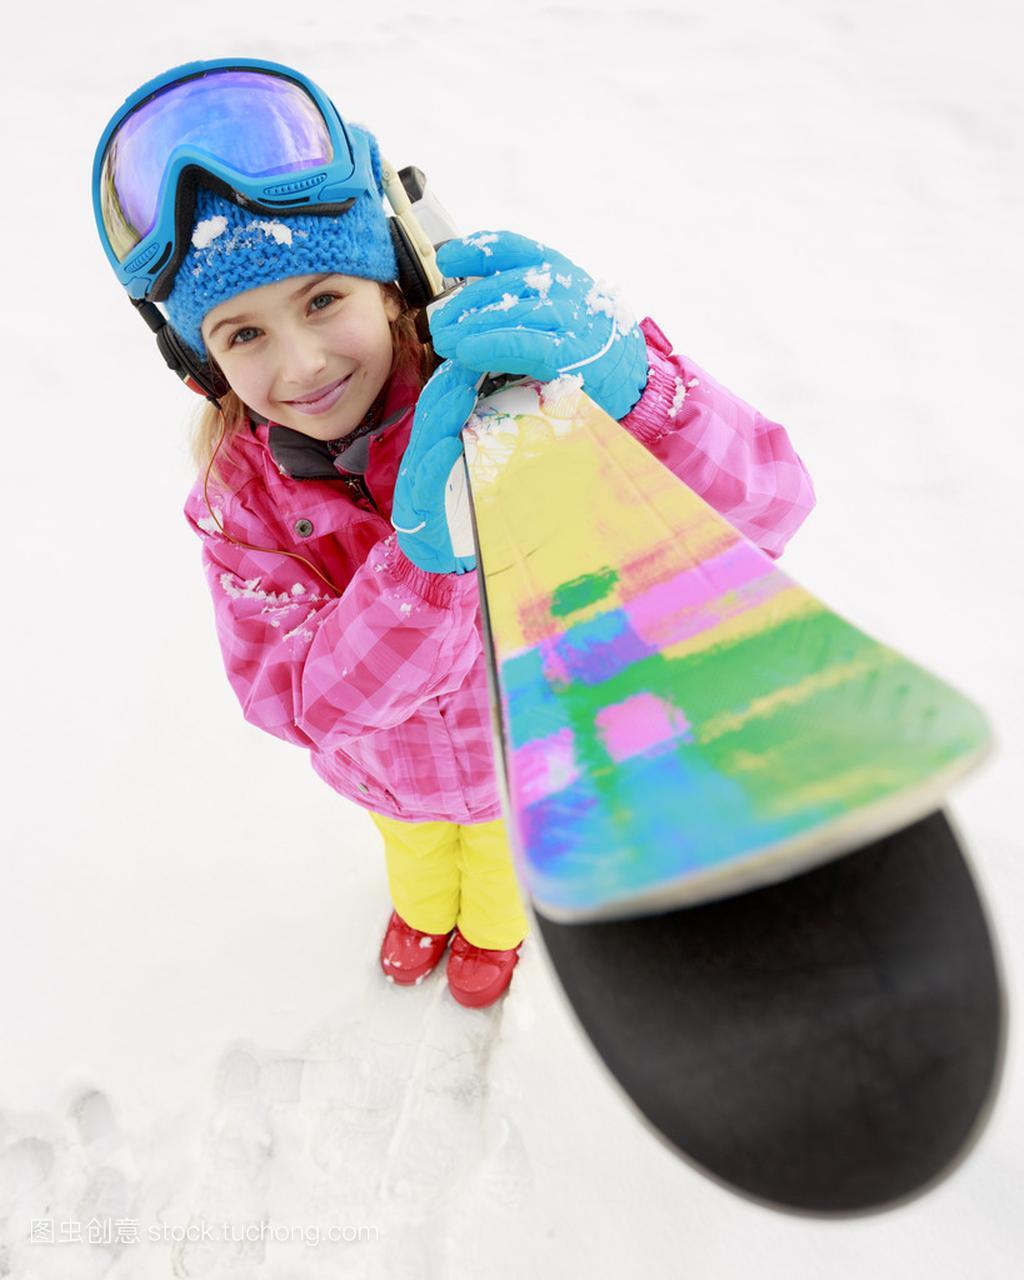 滑雪、滑雪、冬季轮滑-a轮滑年轻滑雪者的肖像要求体育队轮滑鞋的初学